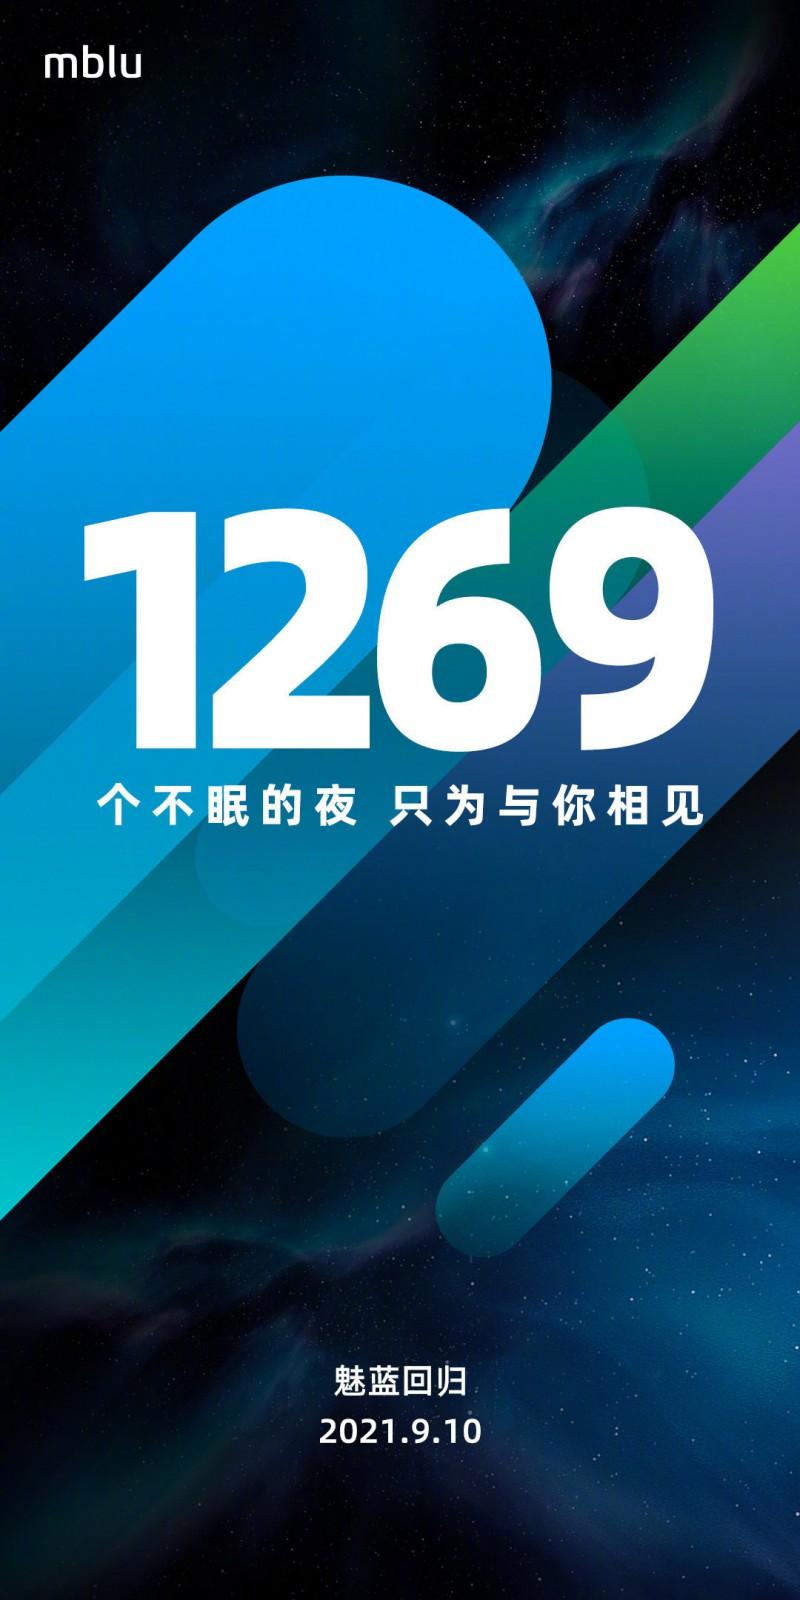 时隔1269天 魅族宣布魅蓝品牌正式回归